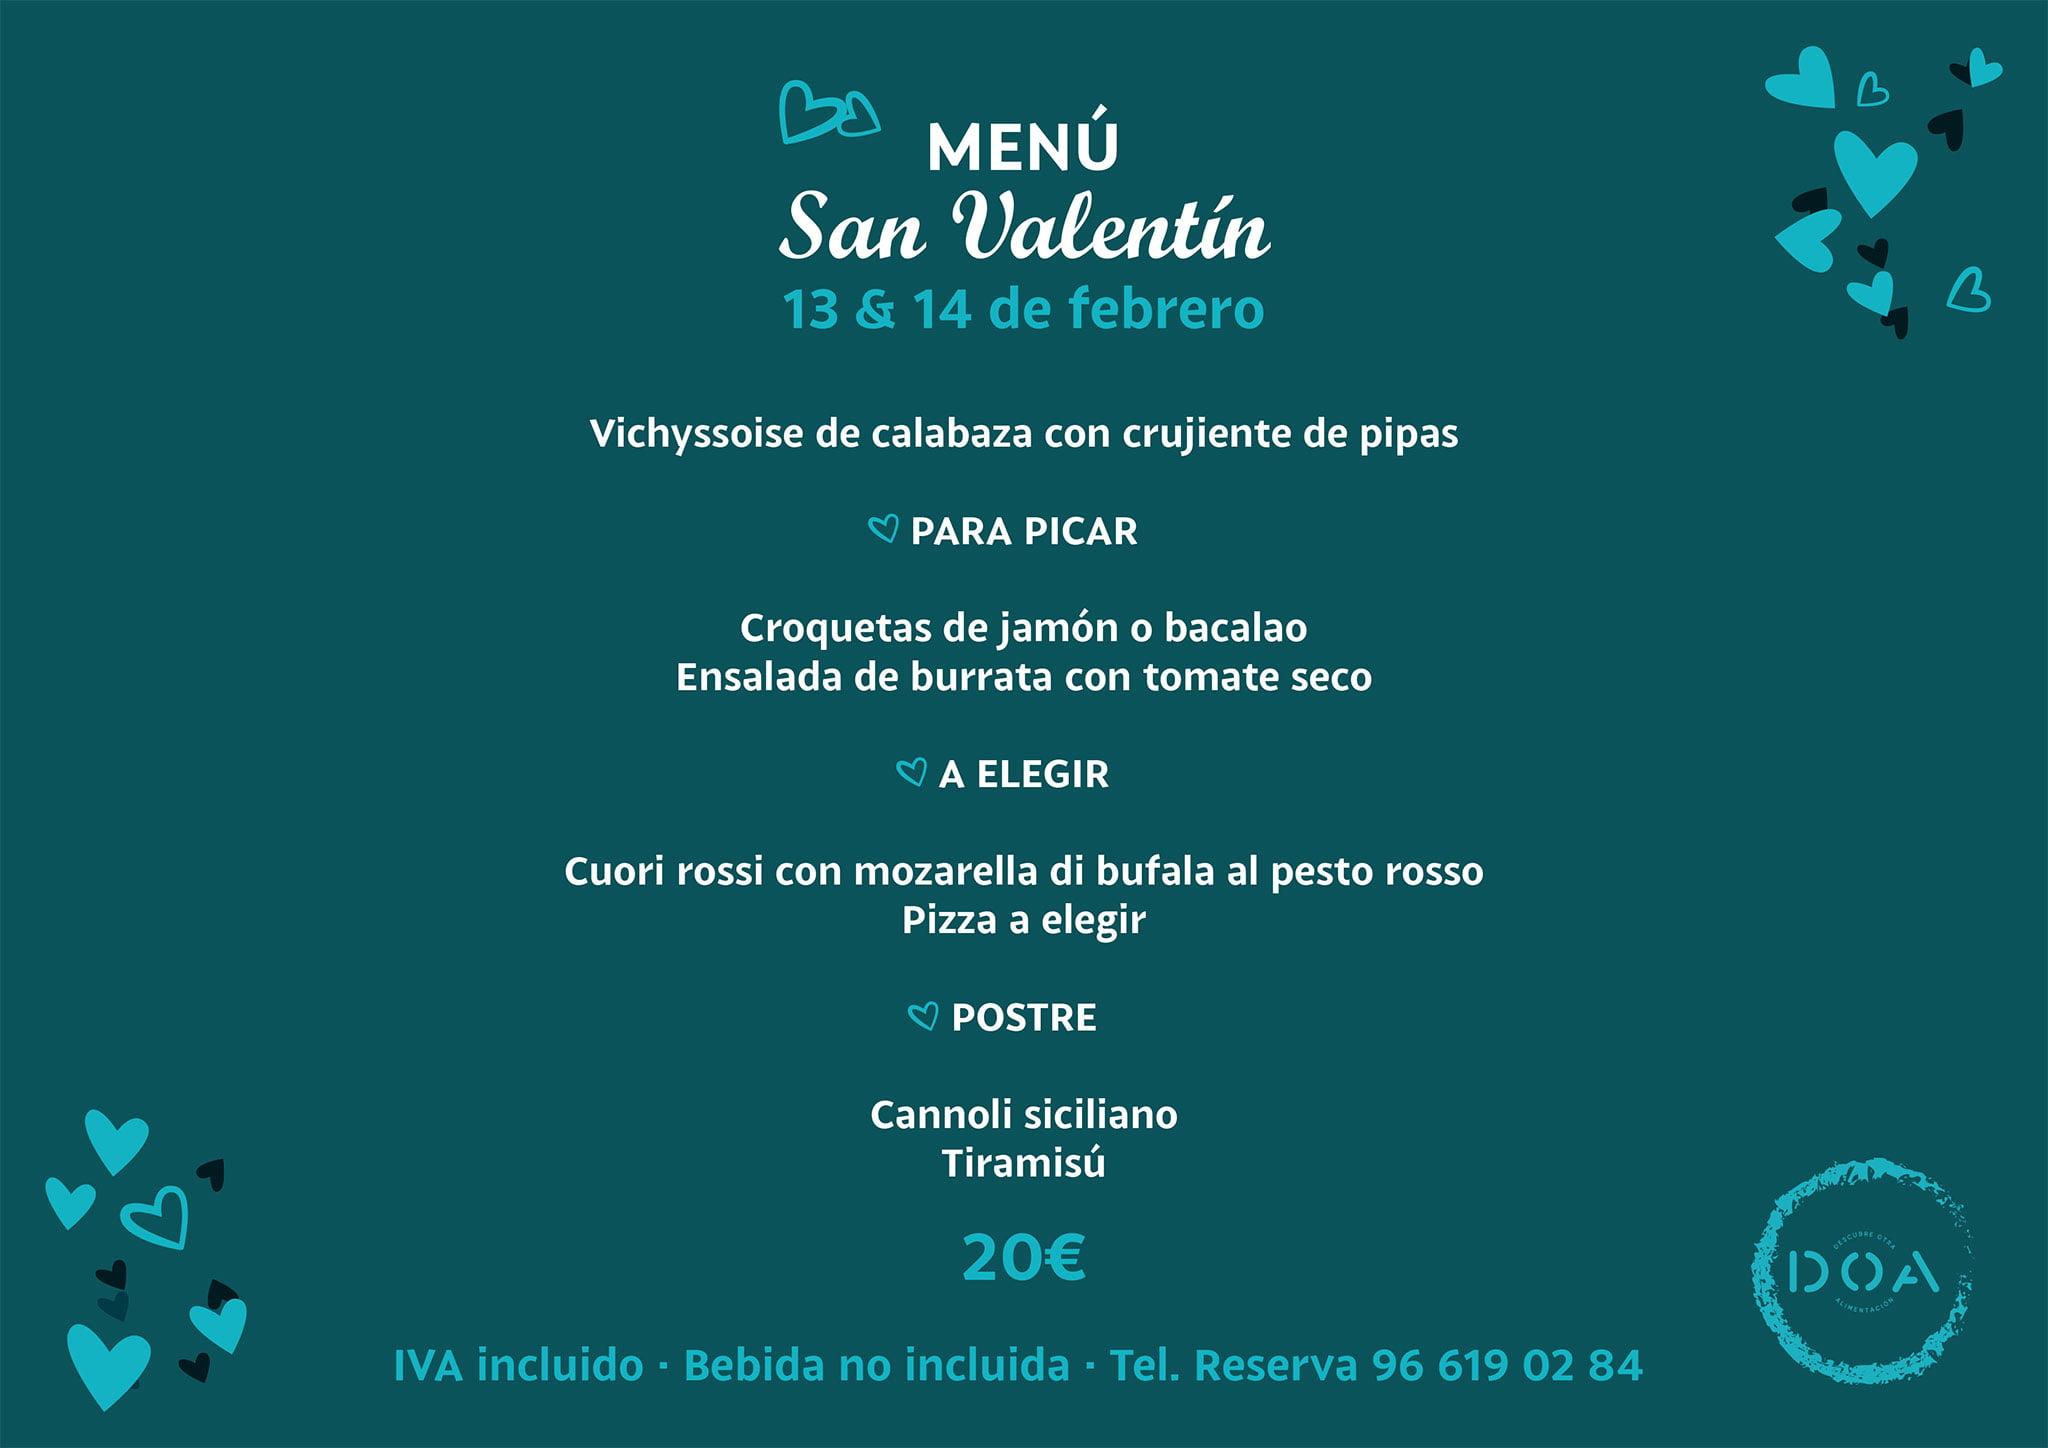 Valentine's menu in Dénia - DOA